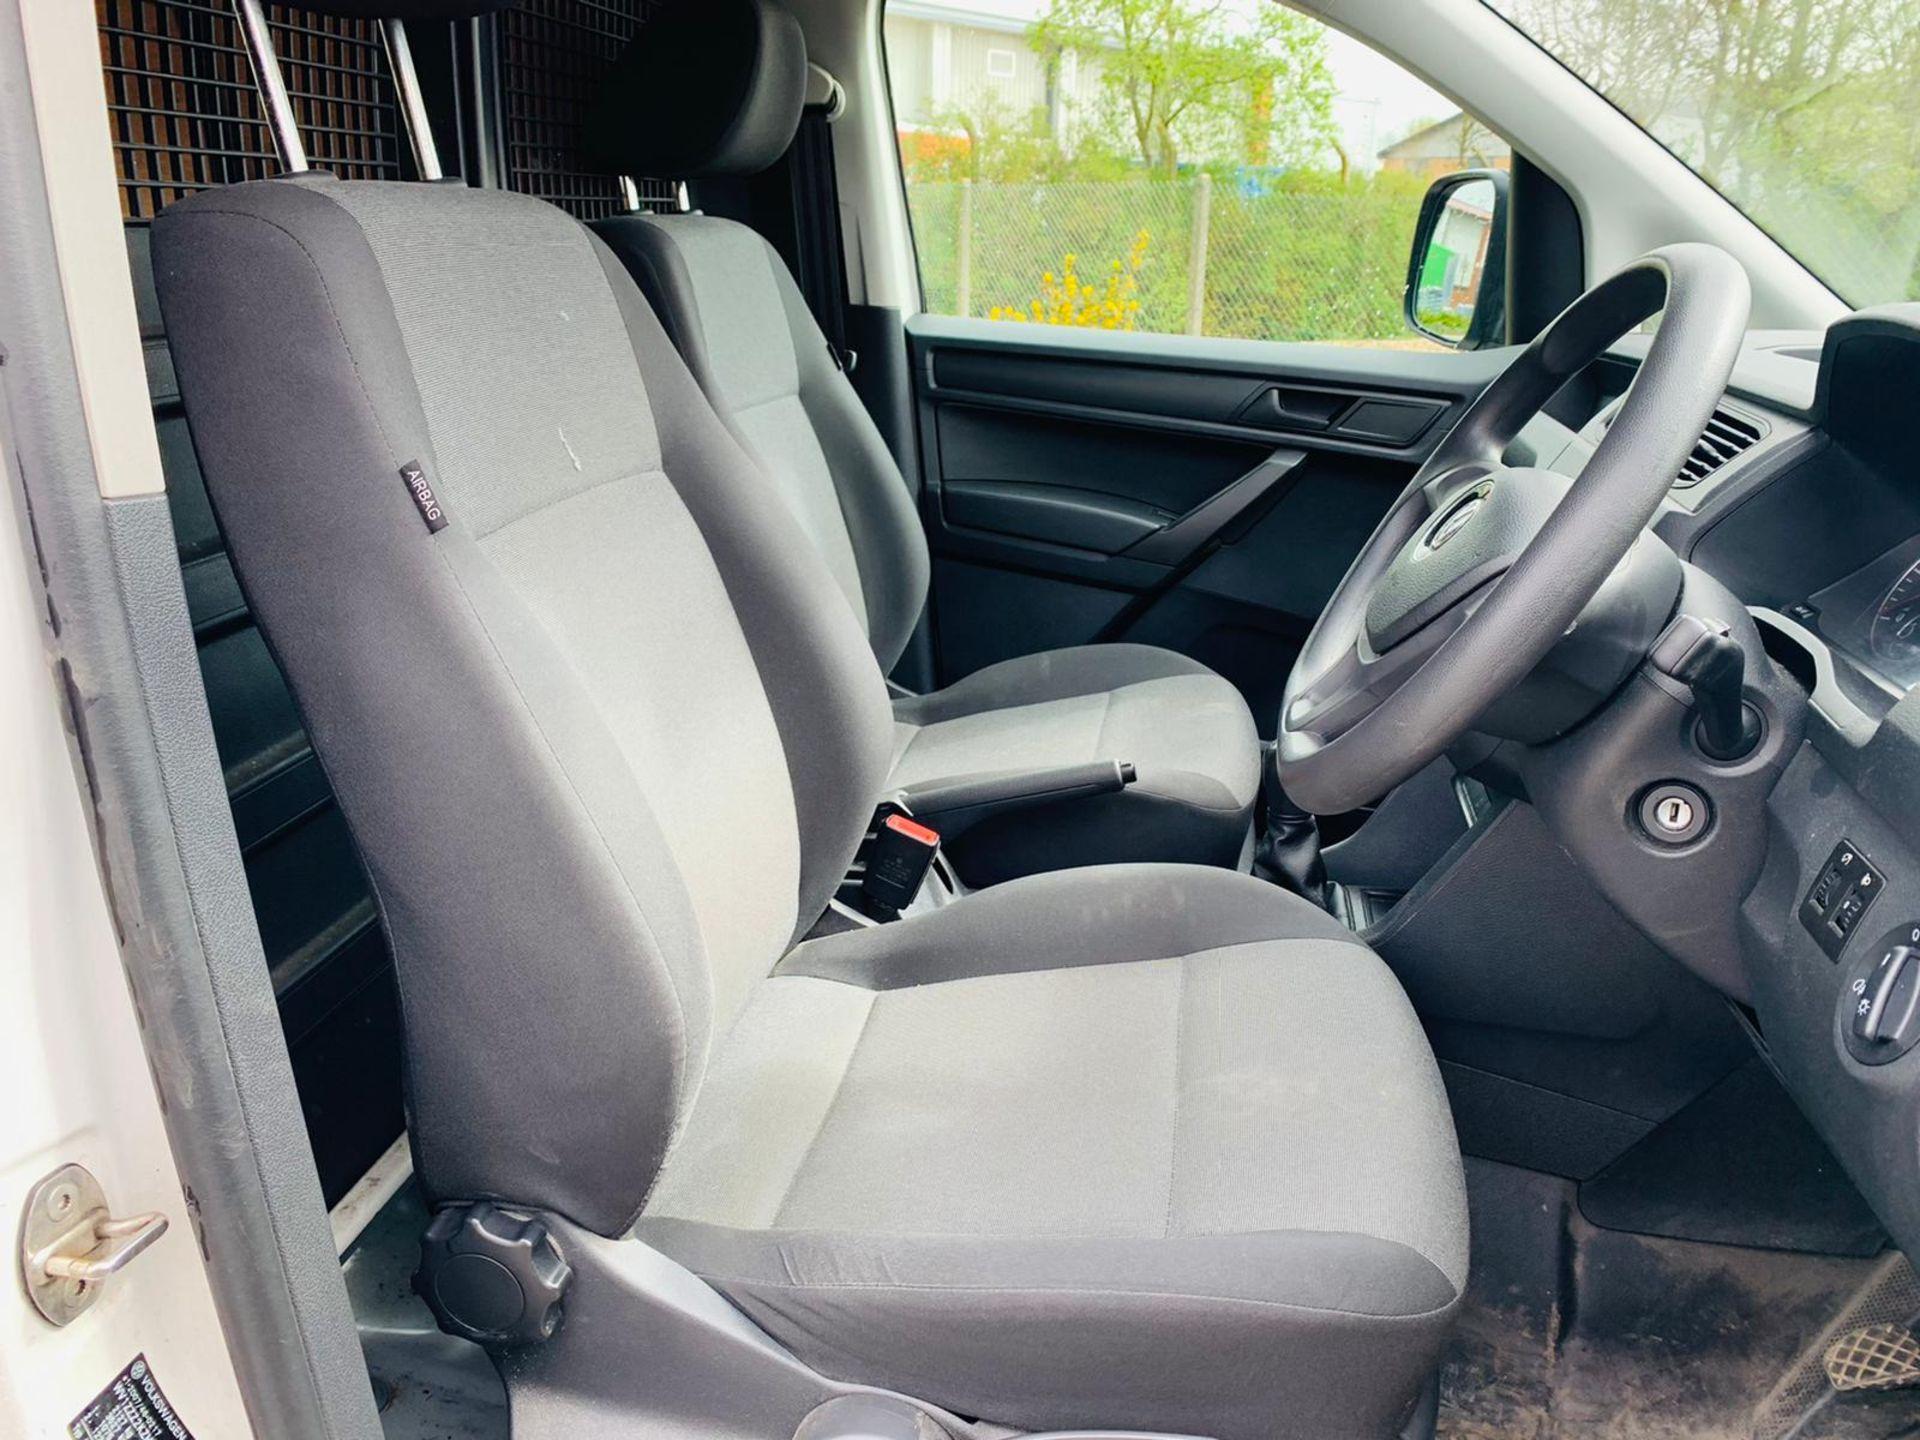 (RESERVE MET)Volkswagen (VW) Caddy 2.0 TDI C20 Startline - 2017 17 Reg - Euro 6 - ULEZ Compliant - - Image 12 of 20